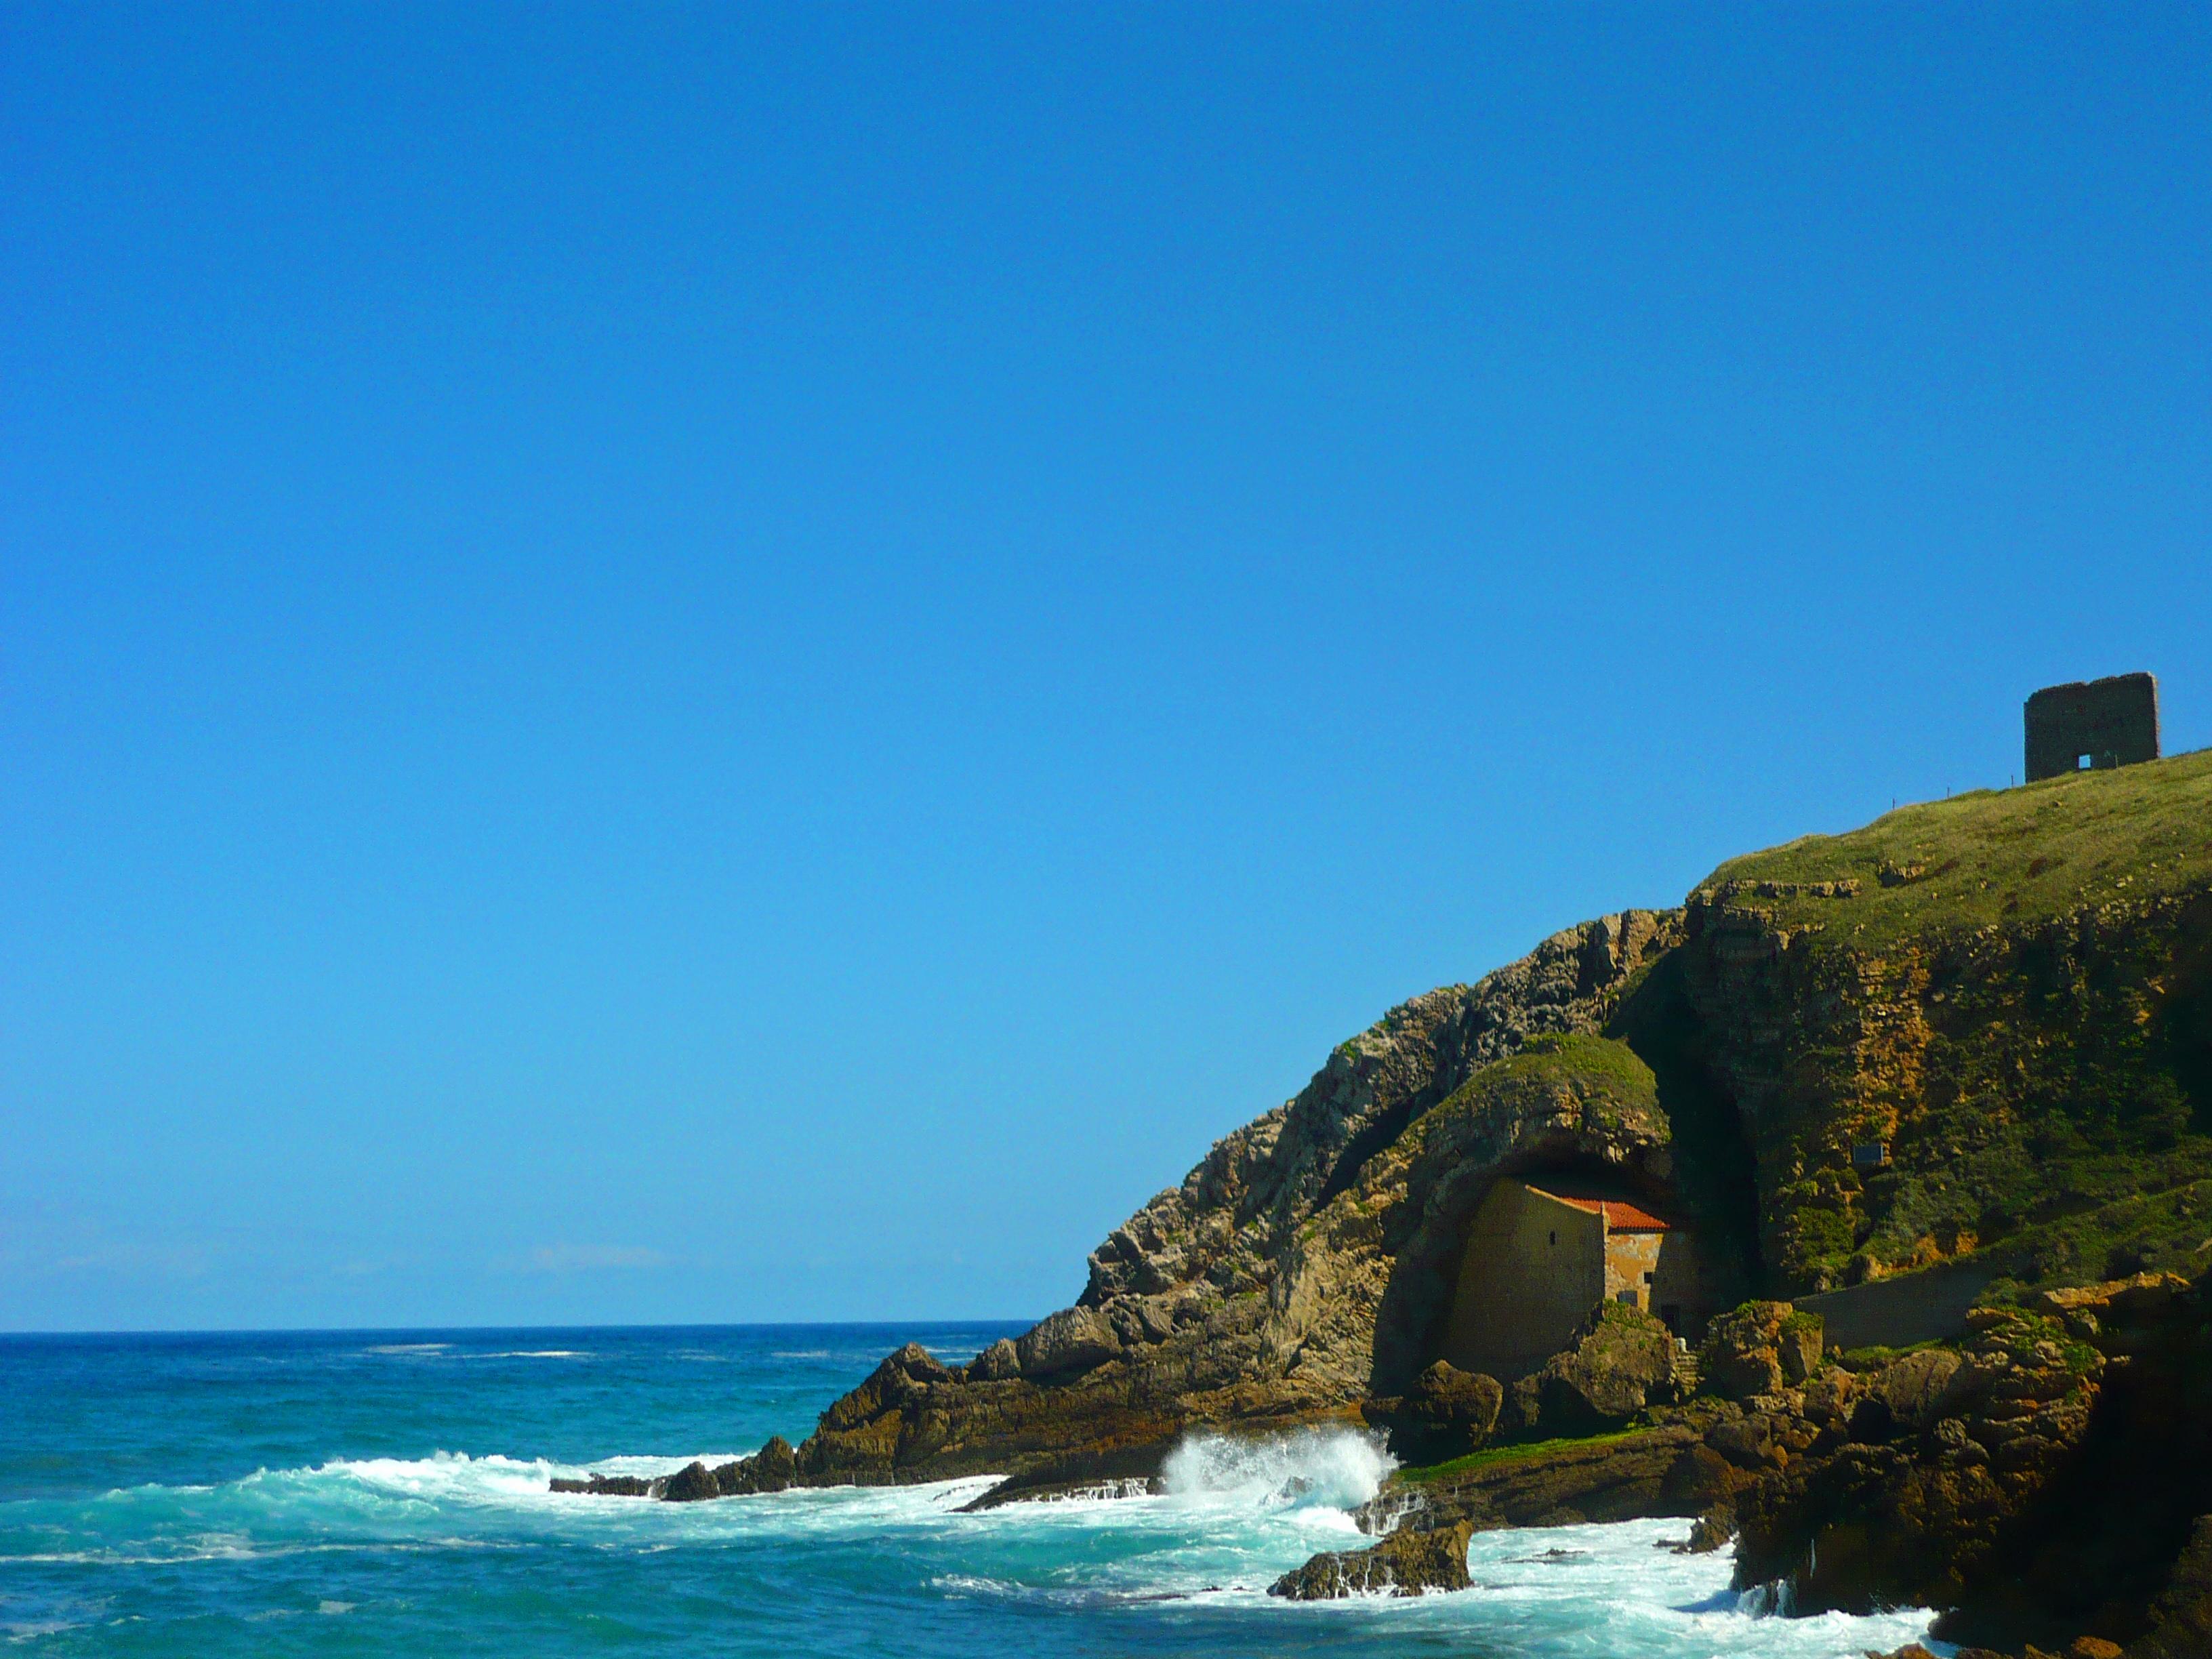 Foto playa Santa Justa. Ermita de Santa Justa y la costa Cantábrica-Ubiarco, Cantabria.